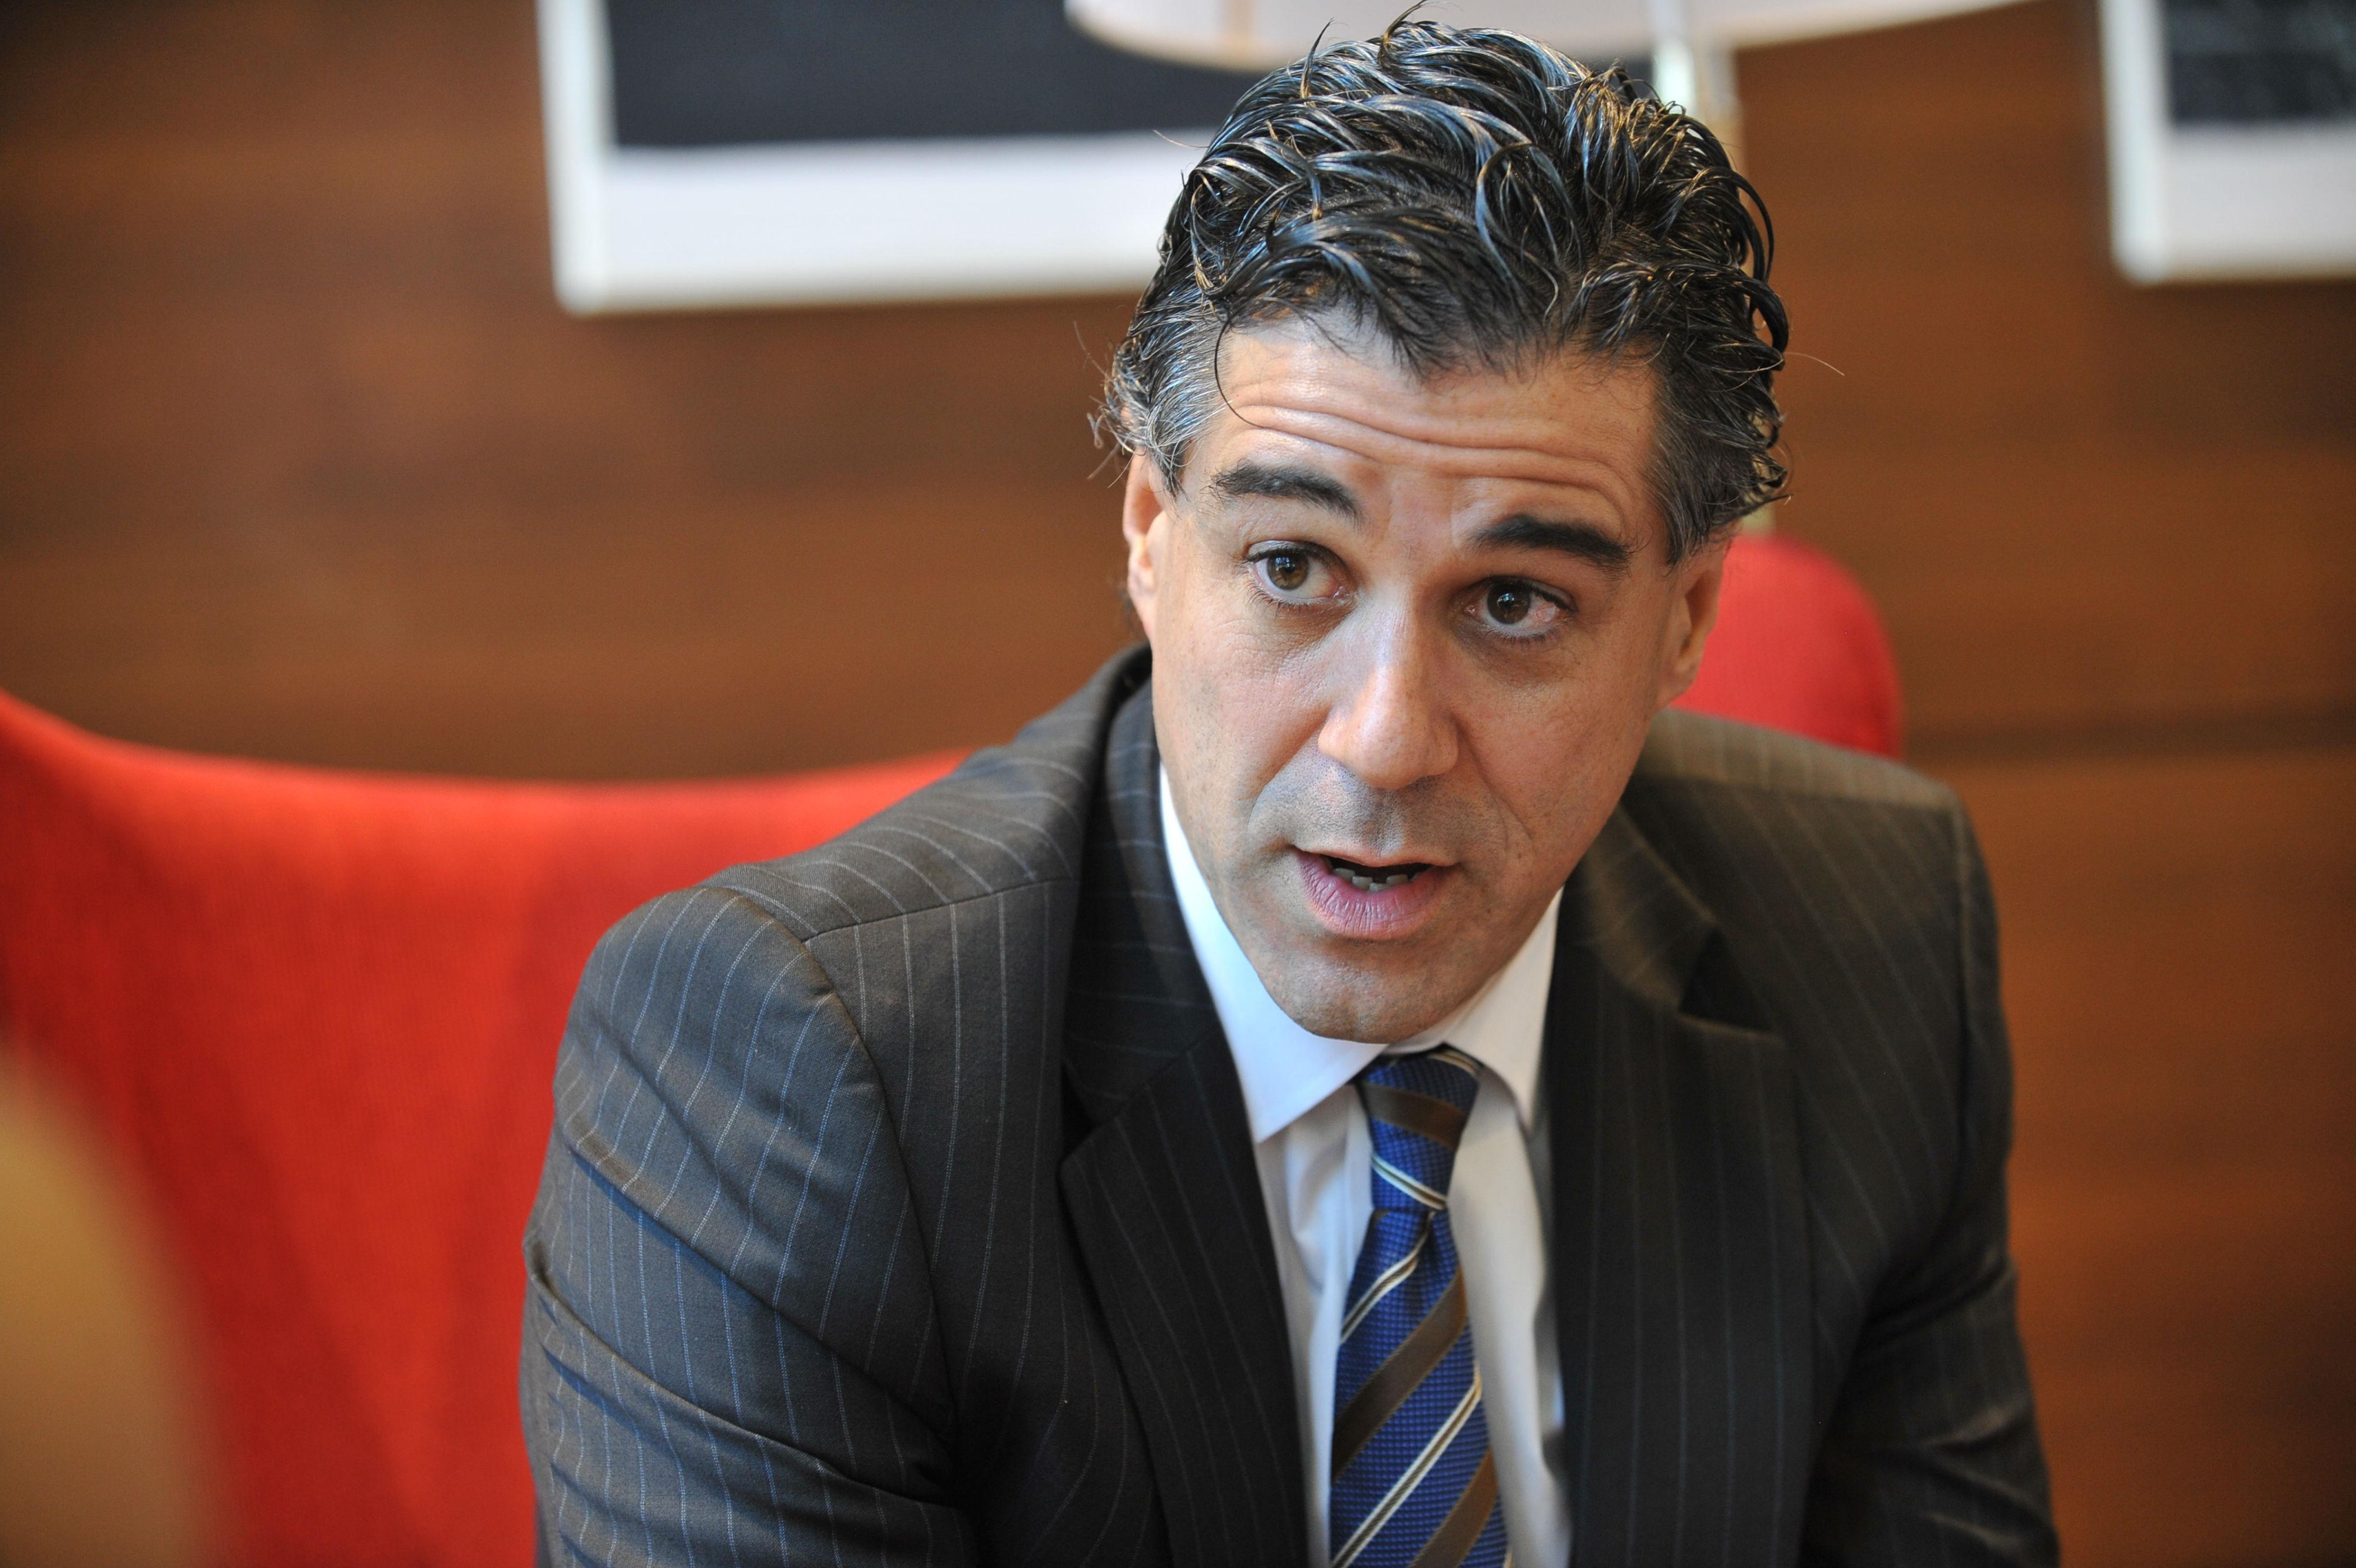 El juez federal Daniel Rafecas desestimó y archivó la denuncia por enriquecimiento ilícito contra la diputada Elisa Carrió.